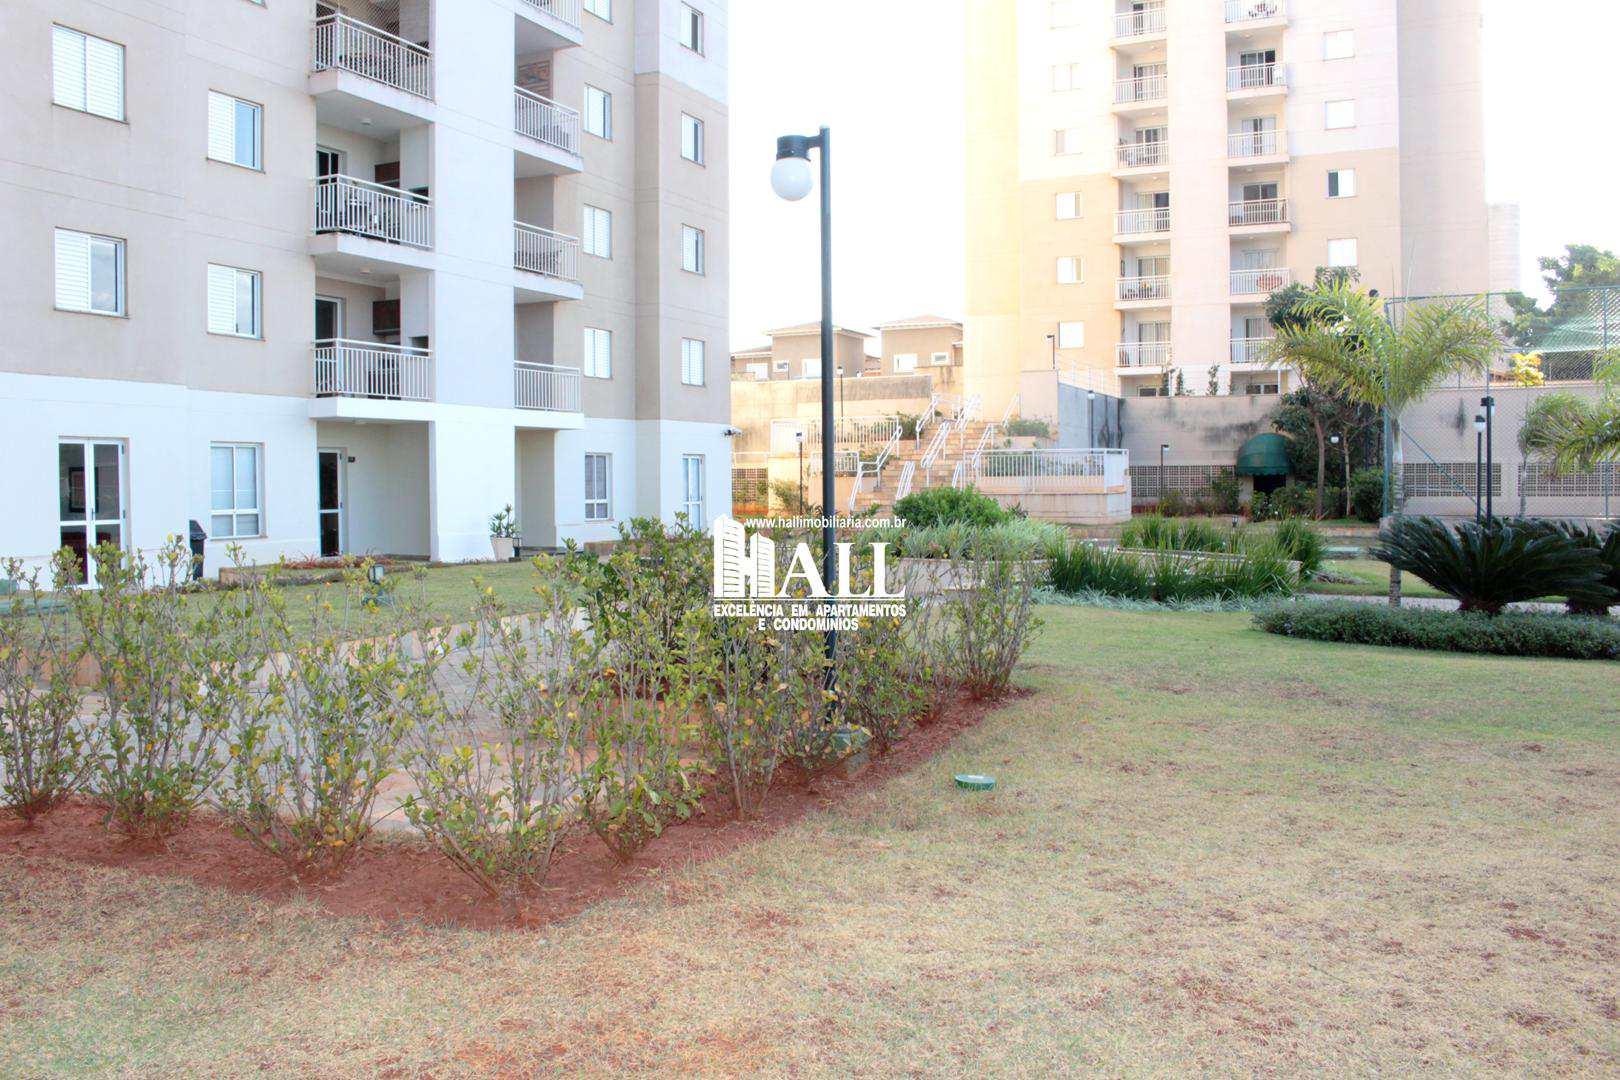 Condomínio em São José do Rio Preto  Bairro Jardim Tarraf II  - ref.: 103